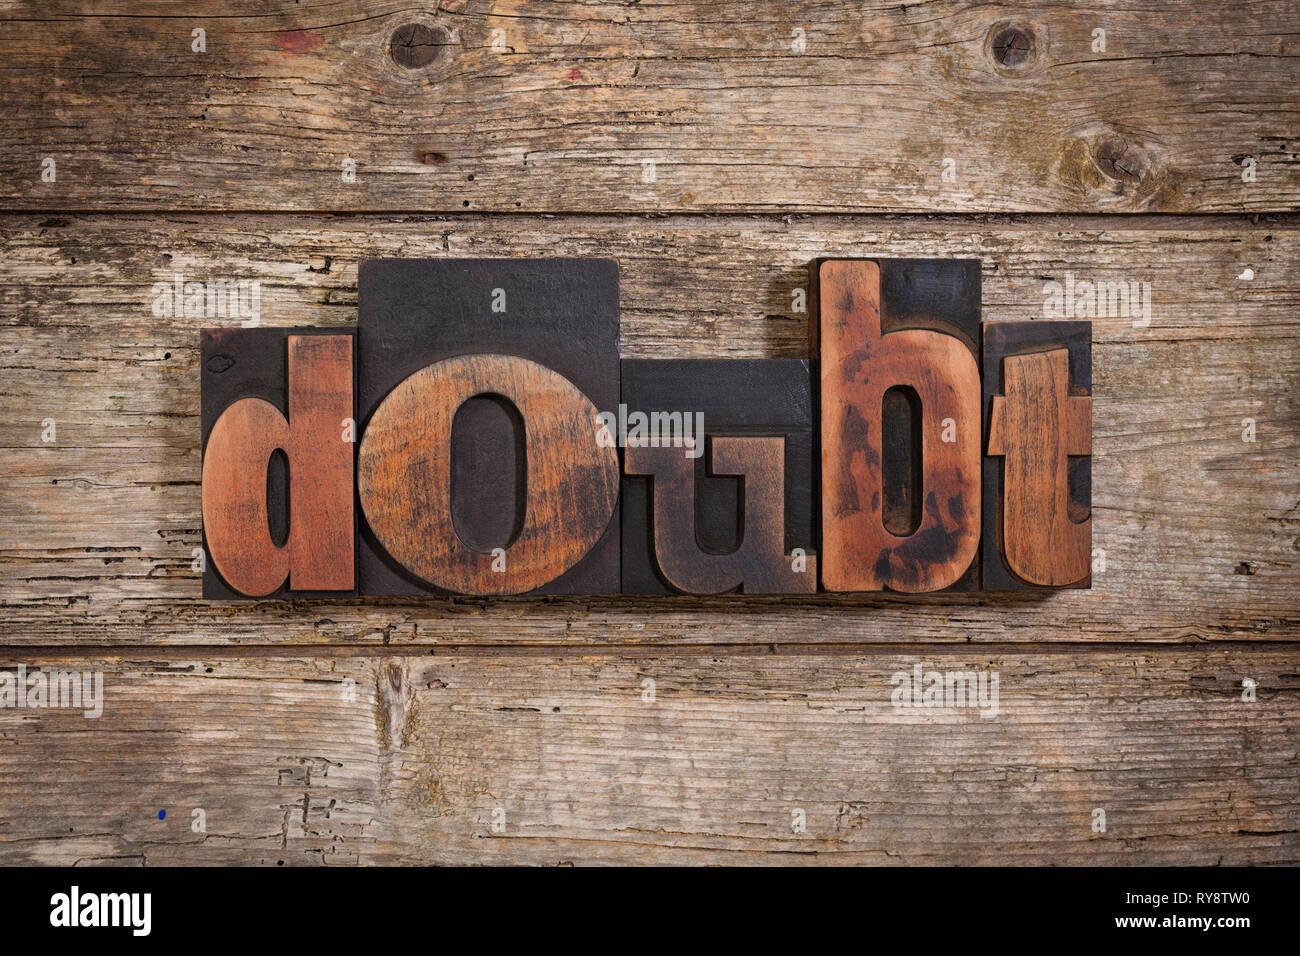 Duda, una sola palabra con tipografía vintage bloques sobre fondo de madera rústica Imagen De Stock